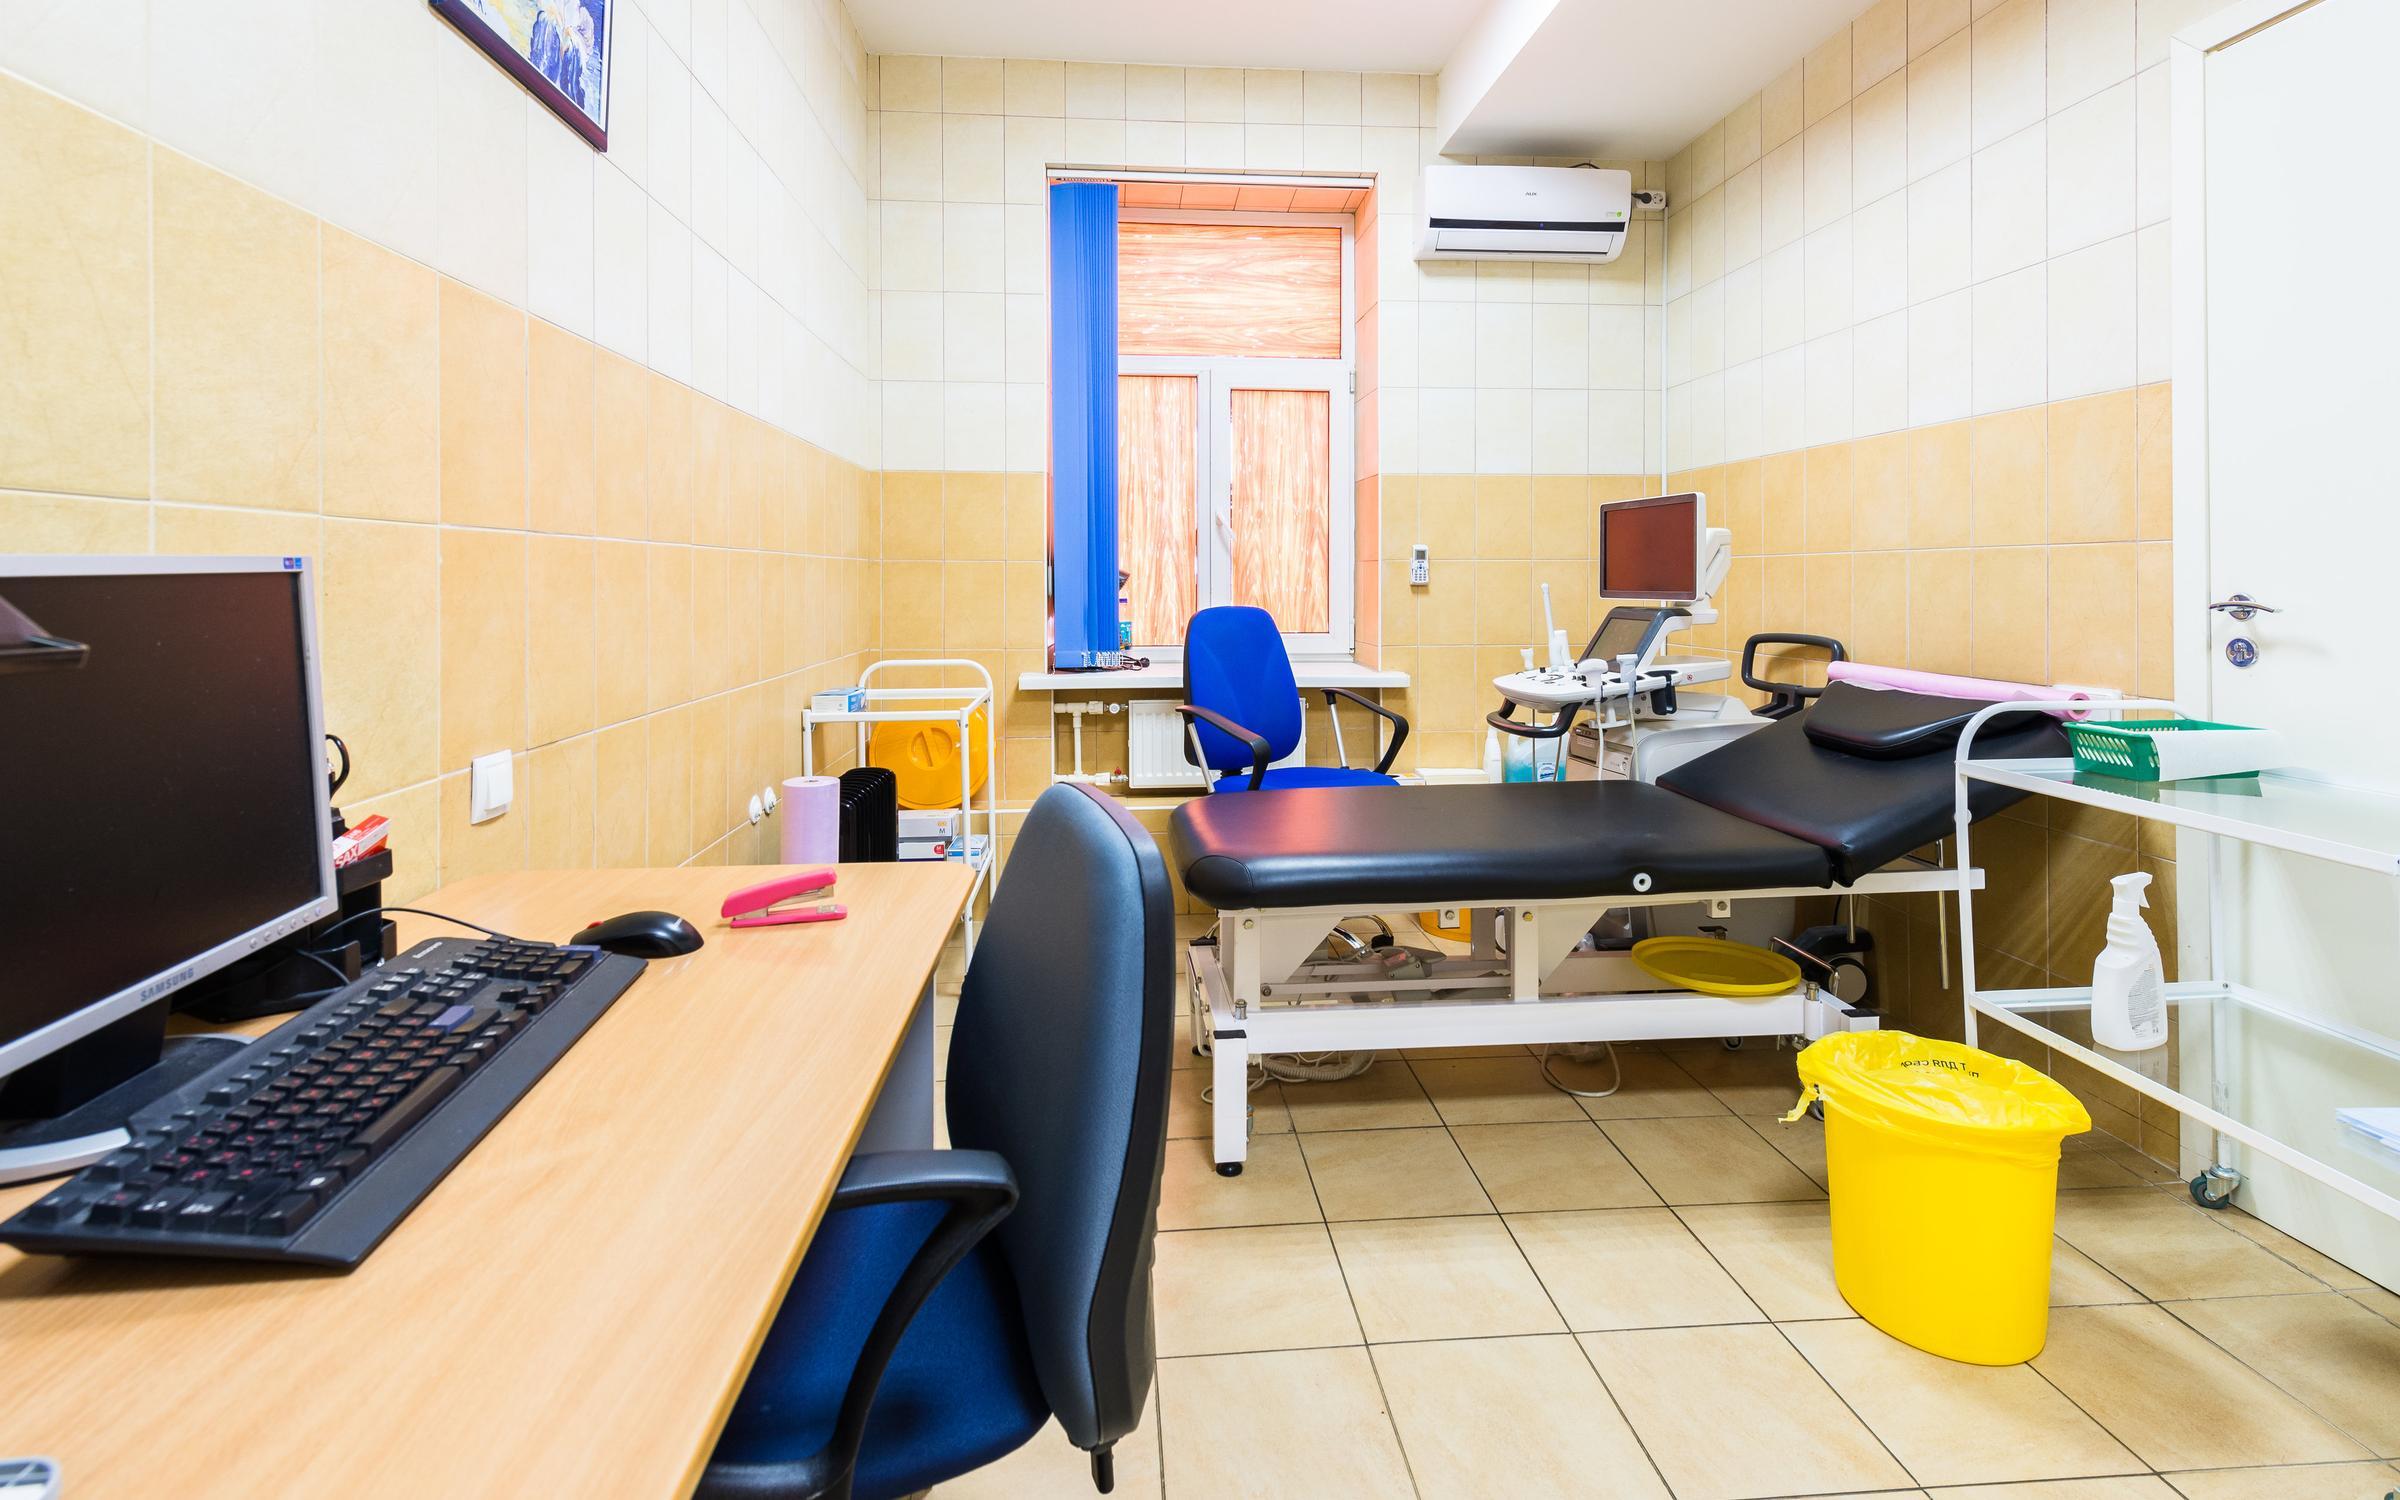 фотография Медицинского центра Капитал-полис на Московском проспекте